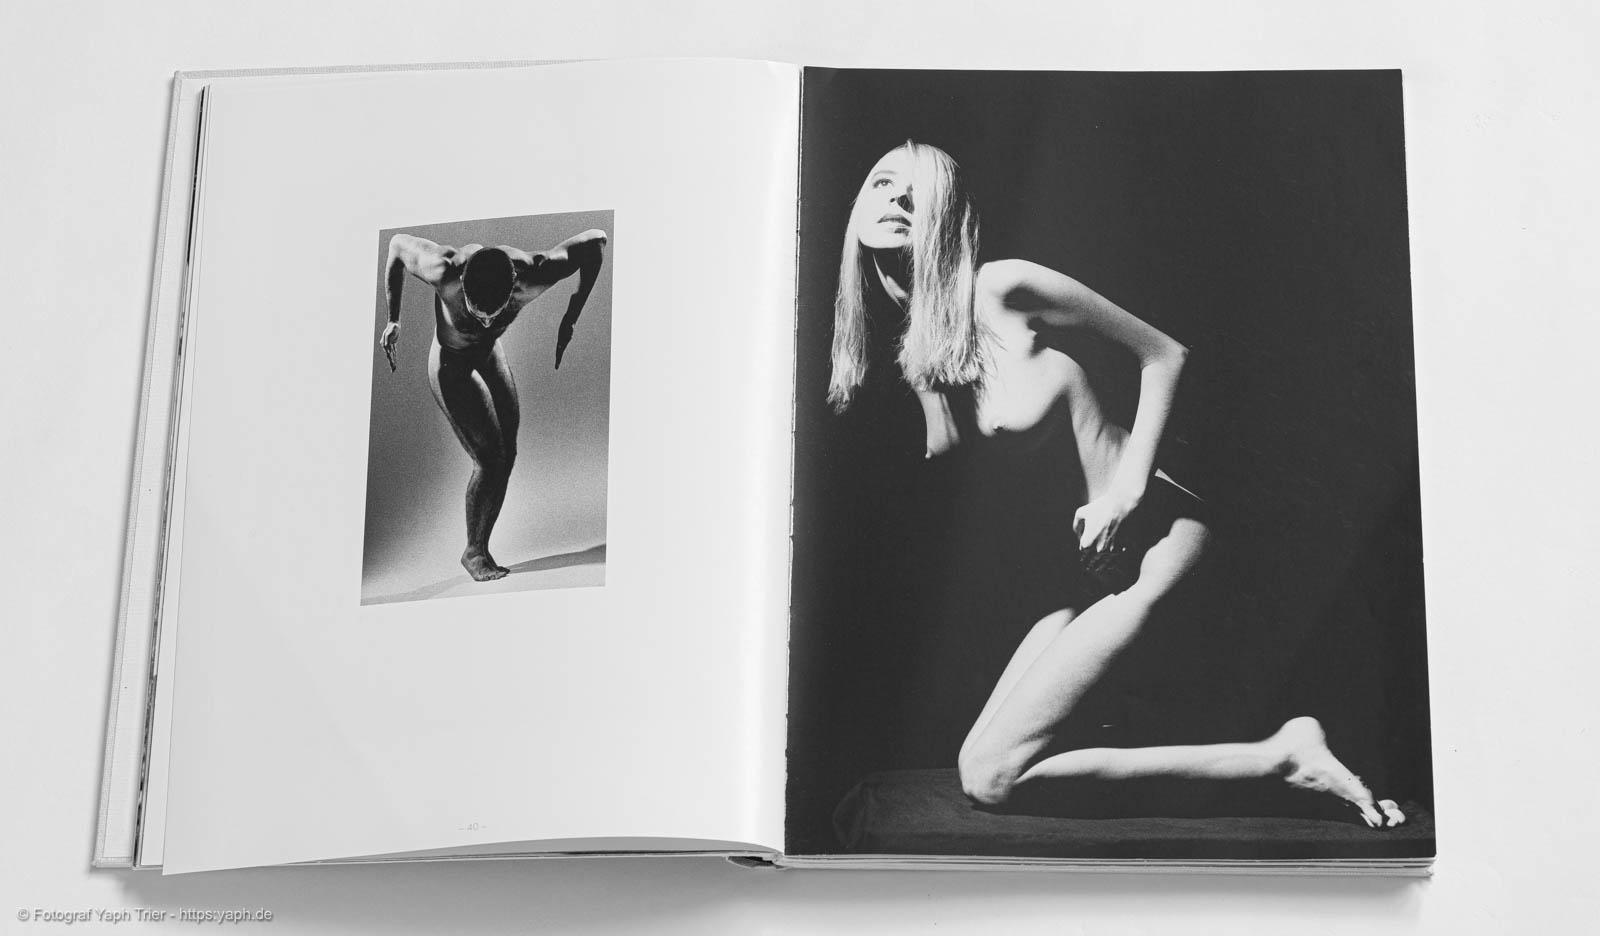 Bildband Portraits von Menschen in Schwarz-Weiss von Fotograf Yousef A.P. Hakimi ISBN: 3-929405-03-2